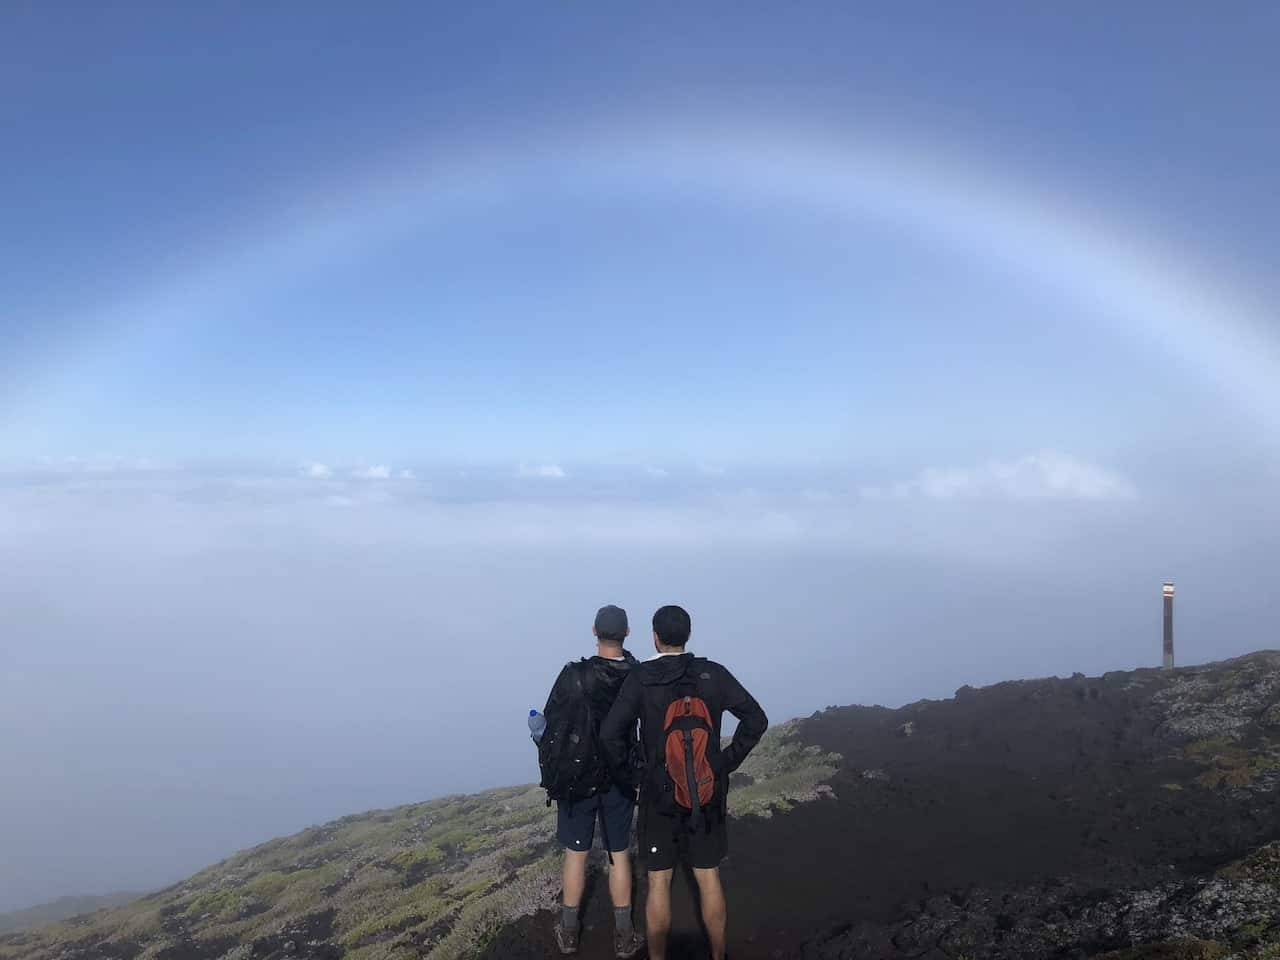 Mount Pico Rainbow